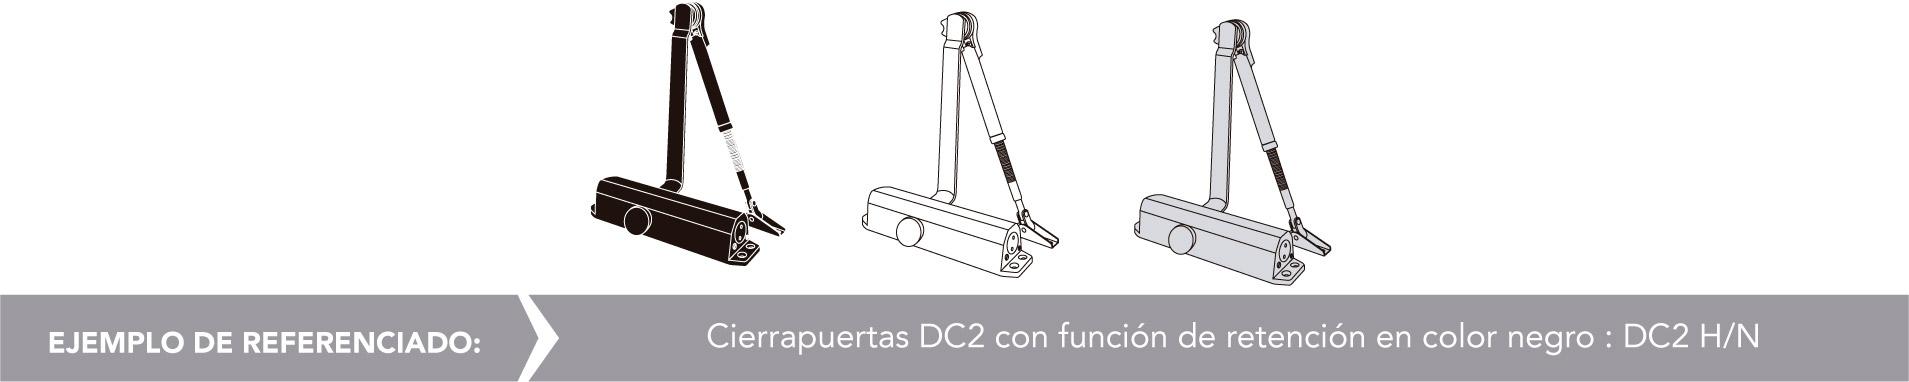 DC2_pie